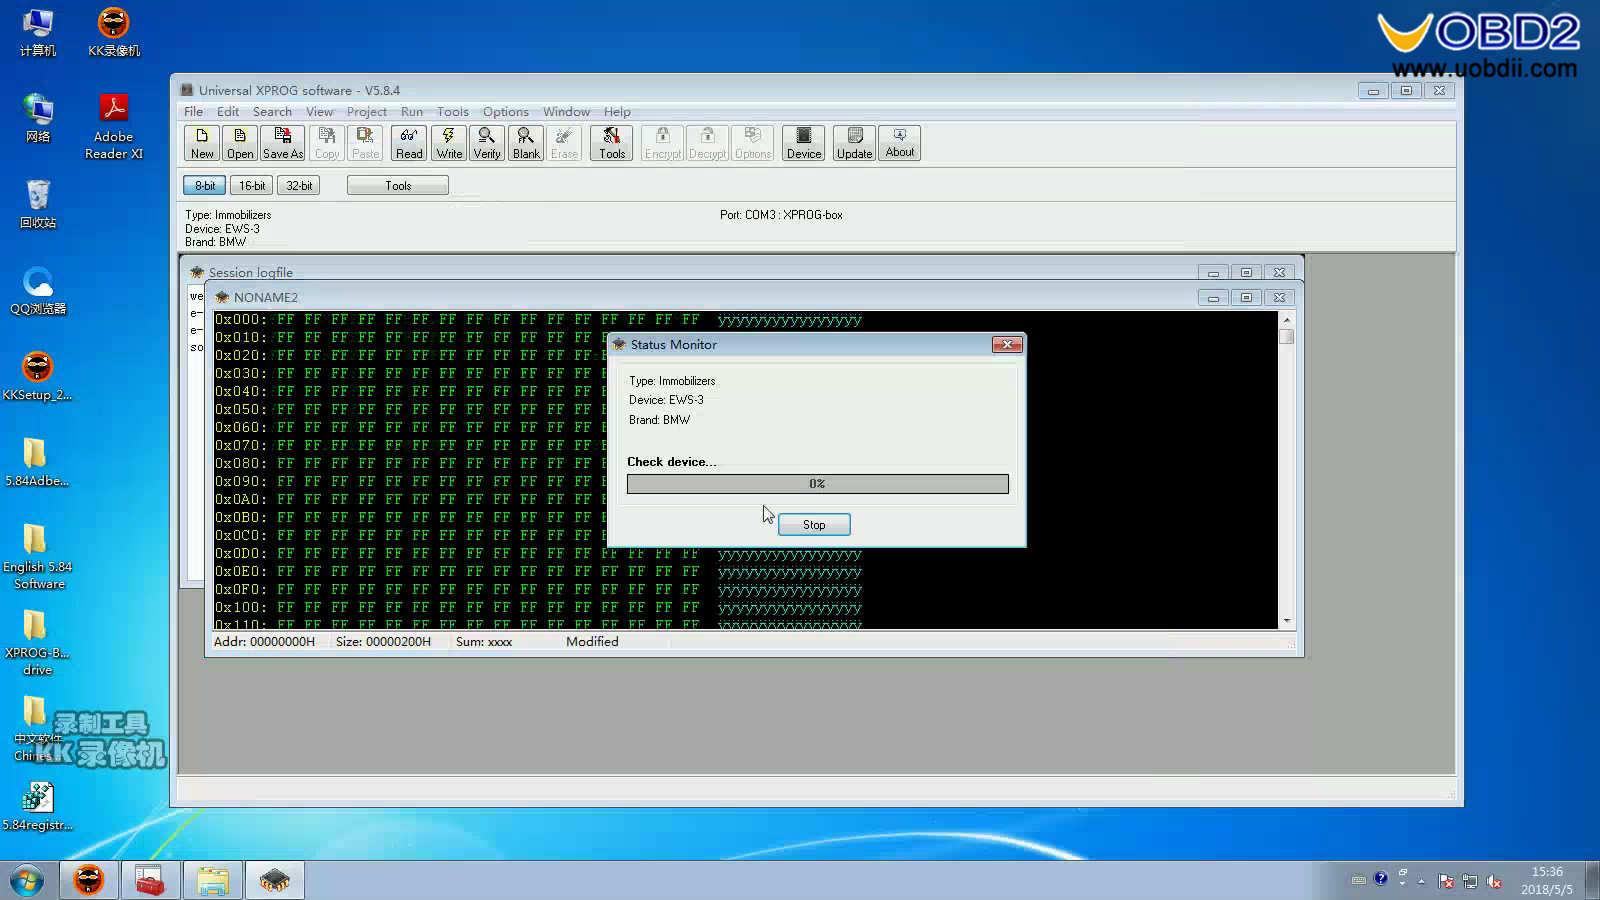 xprog-5-84-win7-64bit-install-19